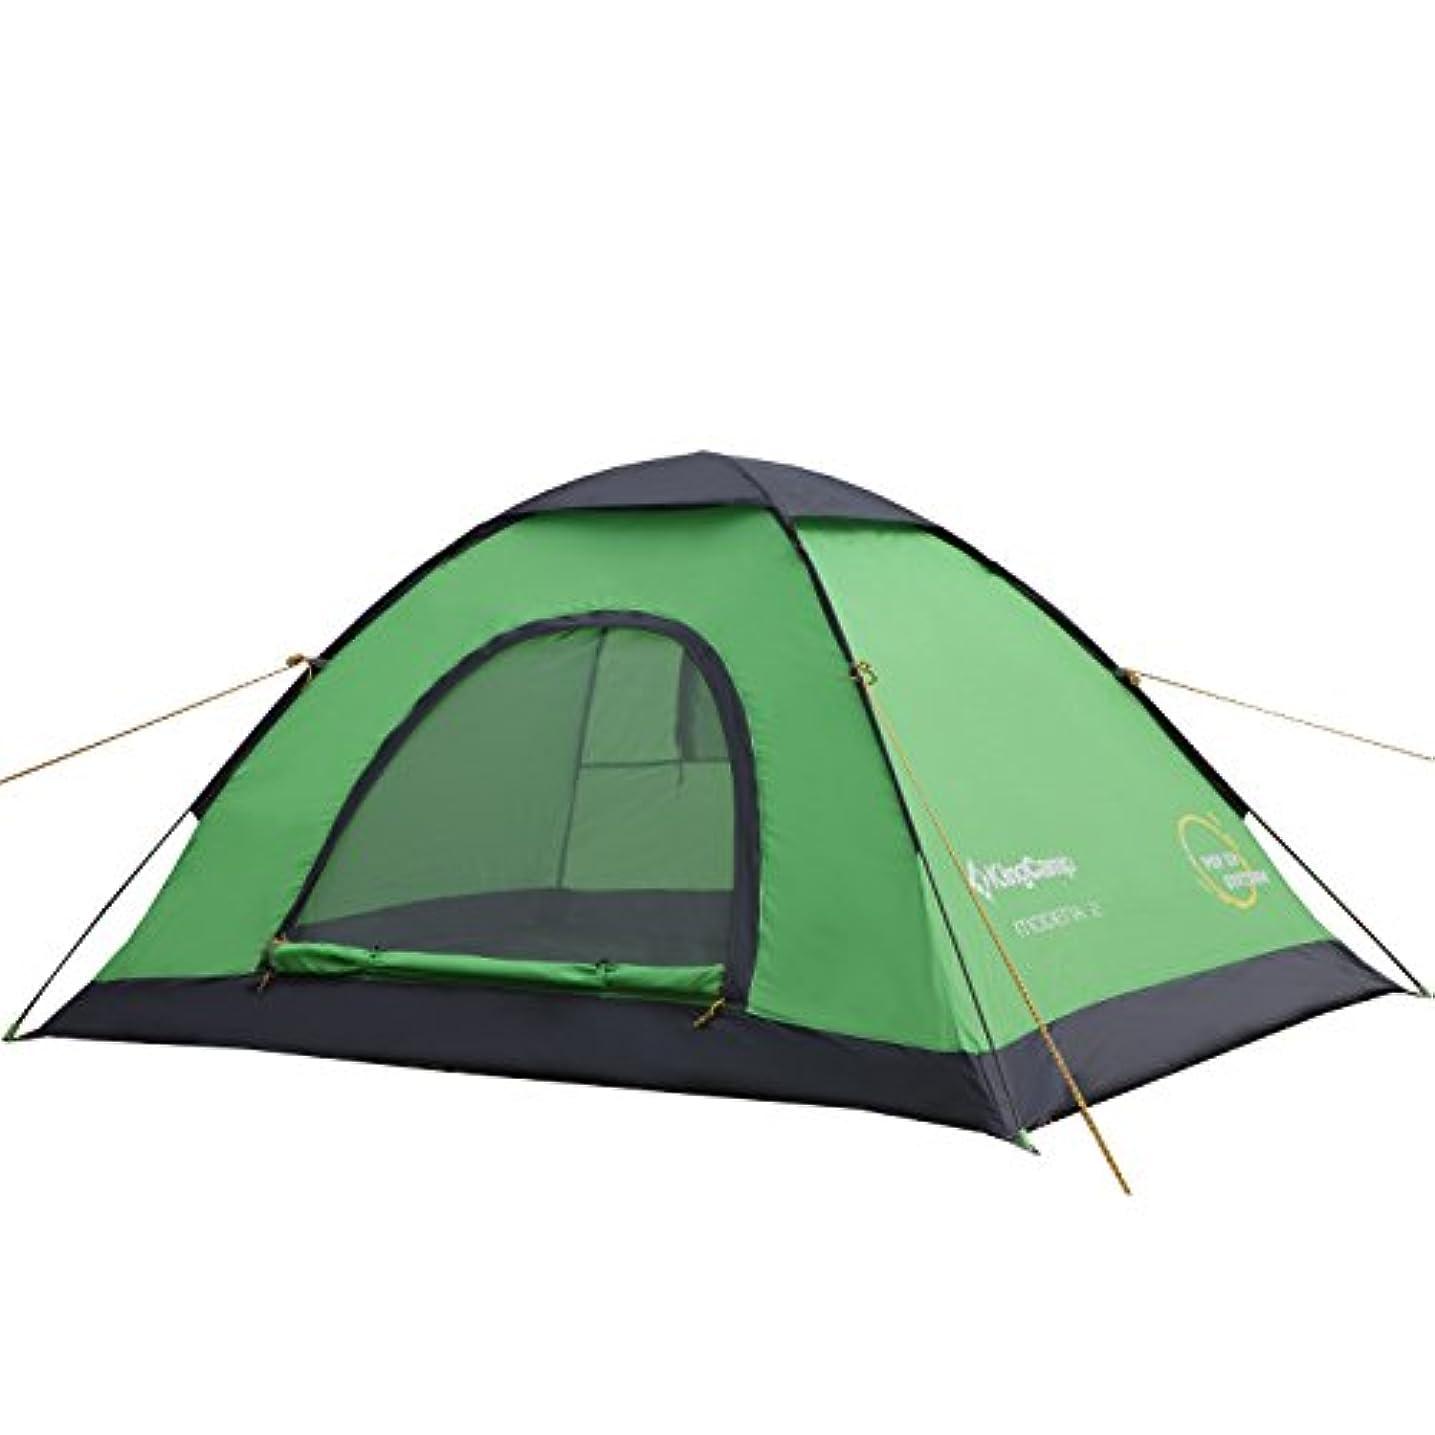 アセやる再現するKingCamp(キングキャンプ) テント モデナ2 ポップアップテント [2~3人用] KT3036